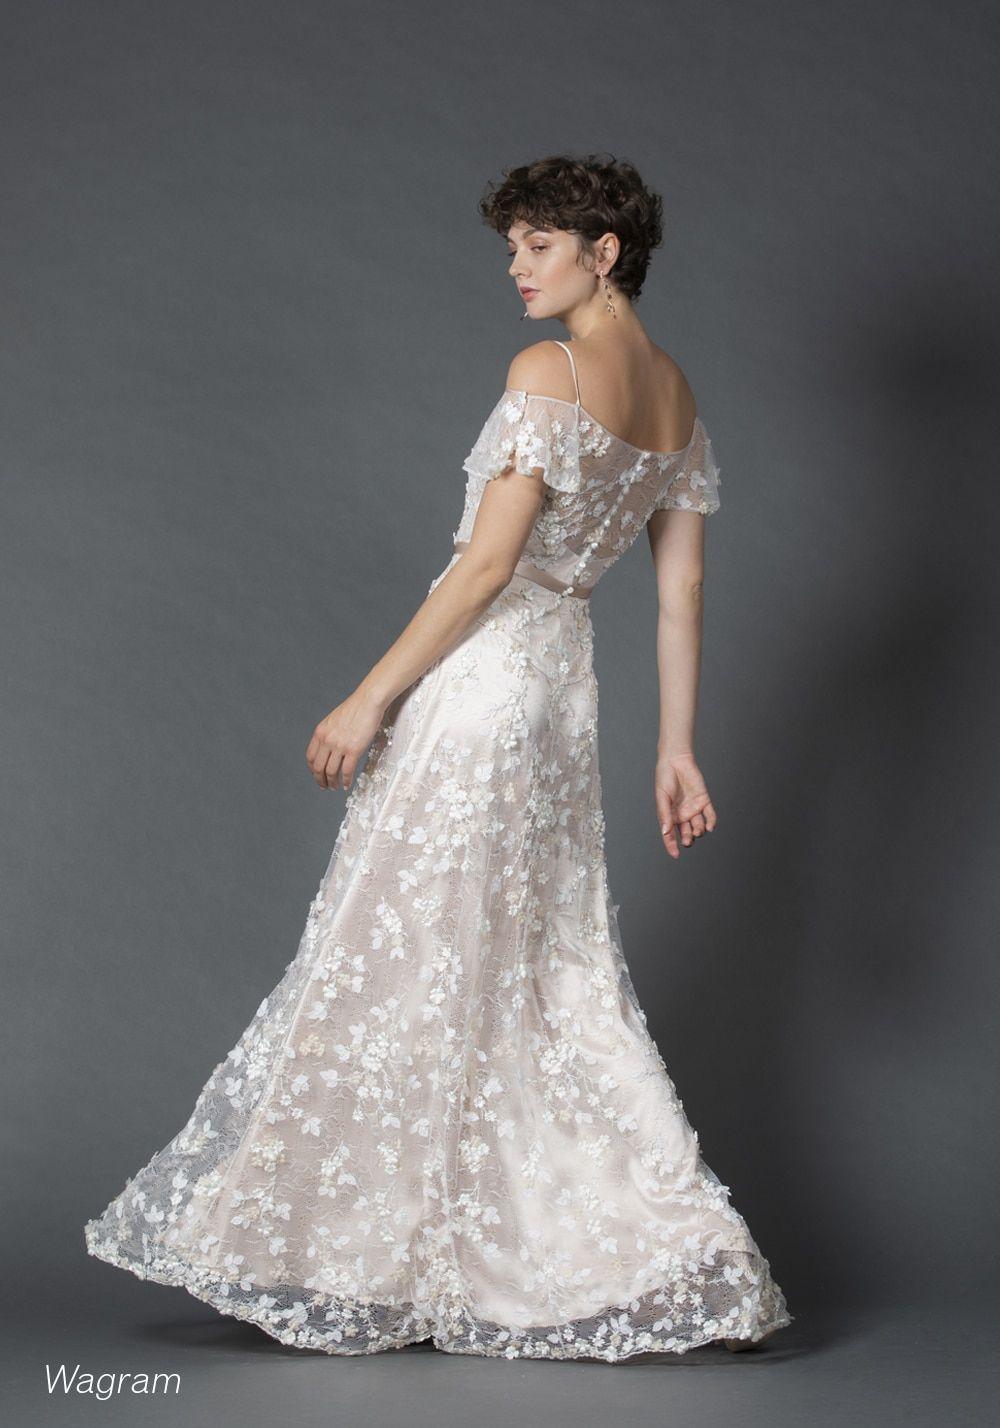 créateur de robe de mariée sur mesure paris collection 2019 mariage haute couture broderie ...